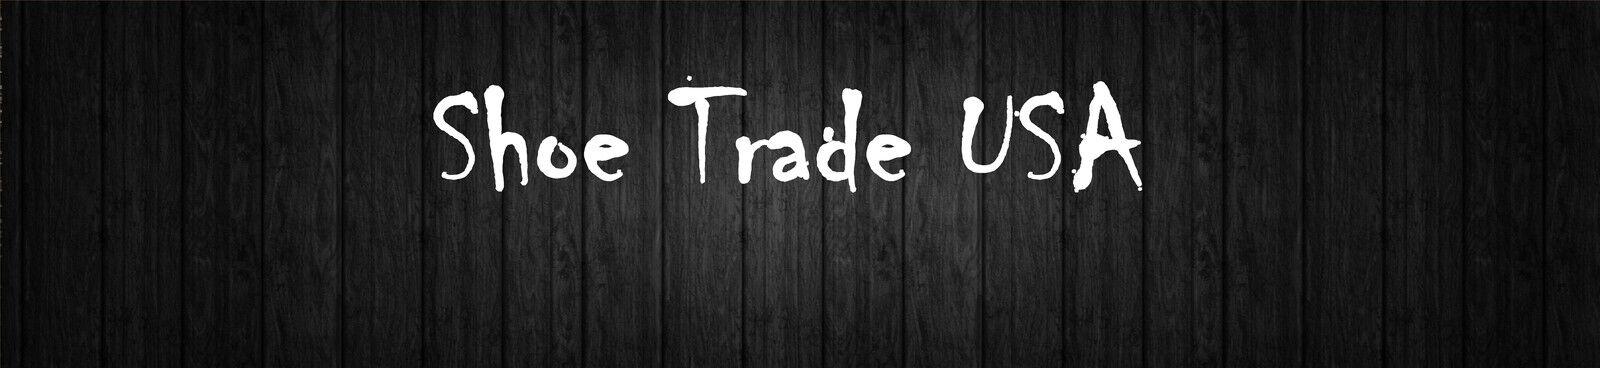 Shoe Trade USA